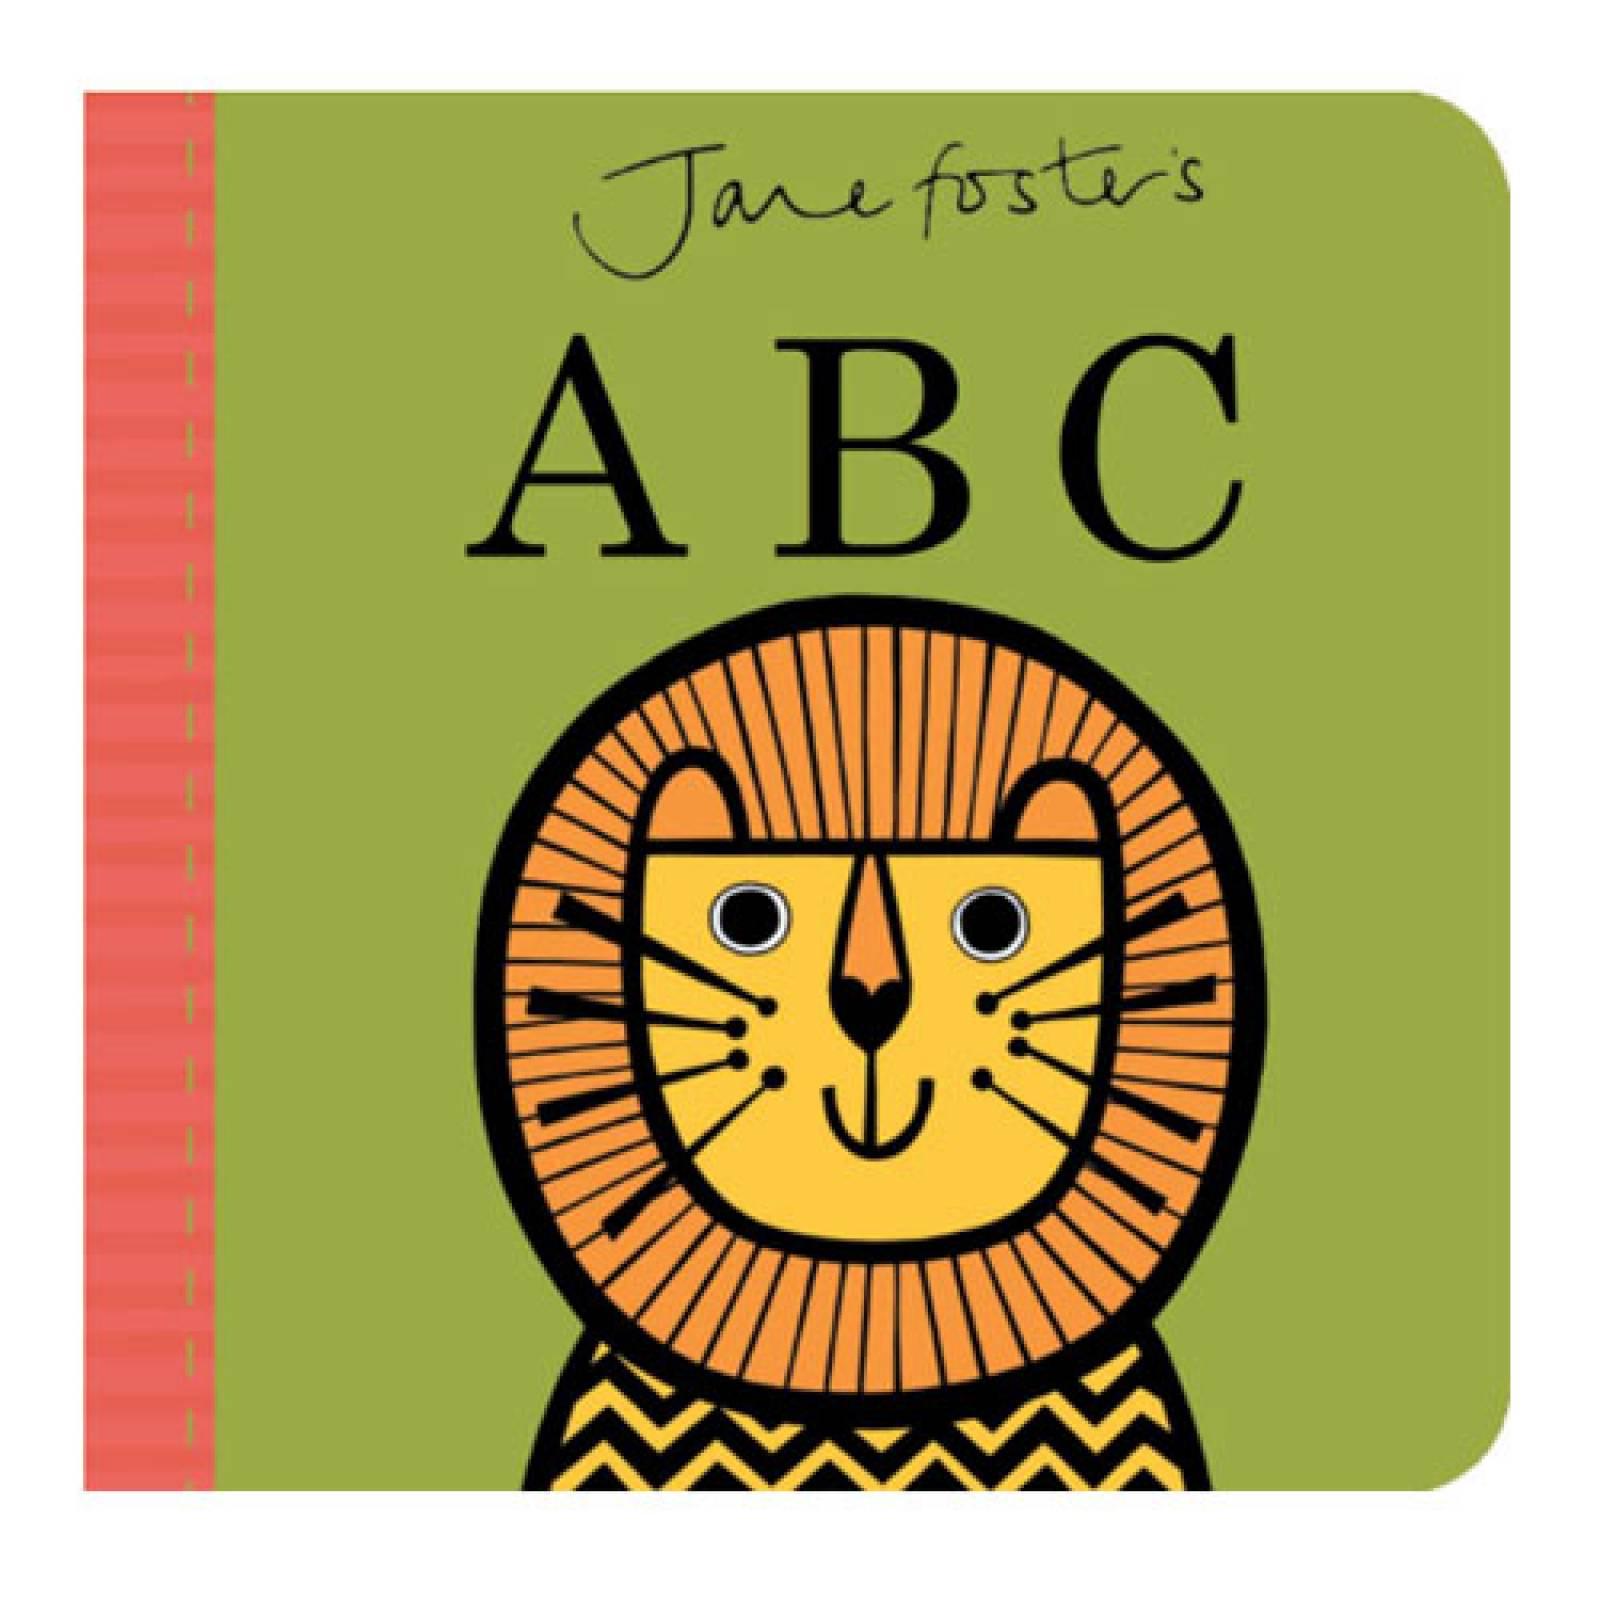 Jane Foster's ABC Board Book